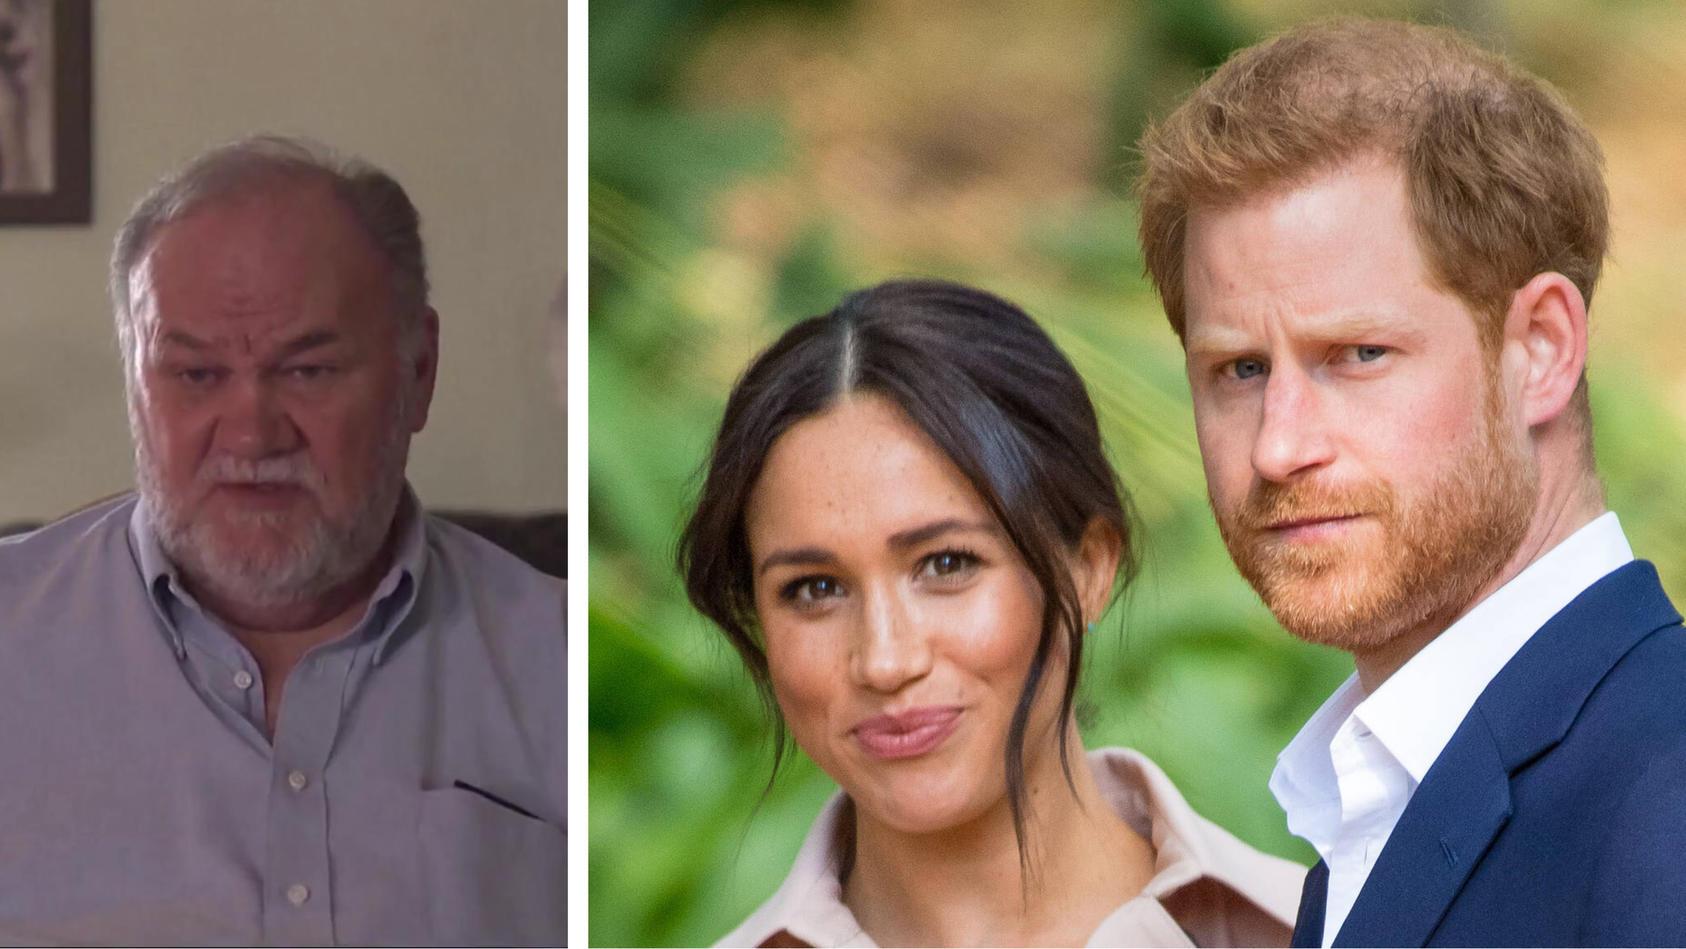 Meghans Vater Thomas Markle (l.) hat eine klare Meinung: Herzogin Meghan (m.) und Prinz Harry (r.) jammern zu viel